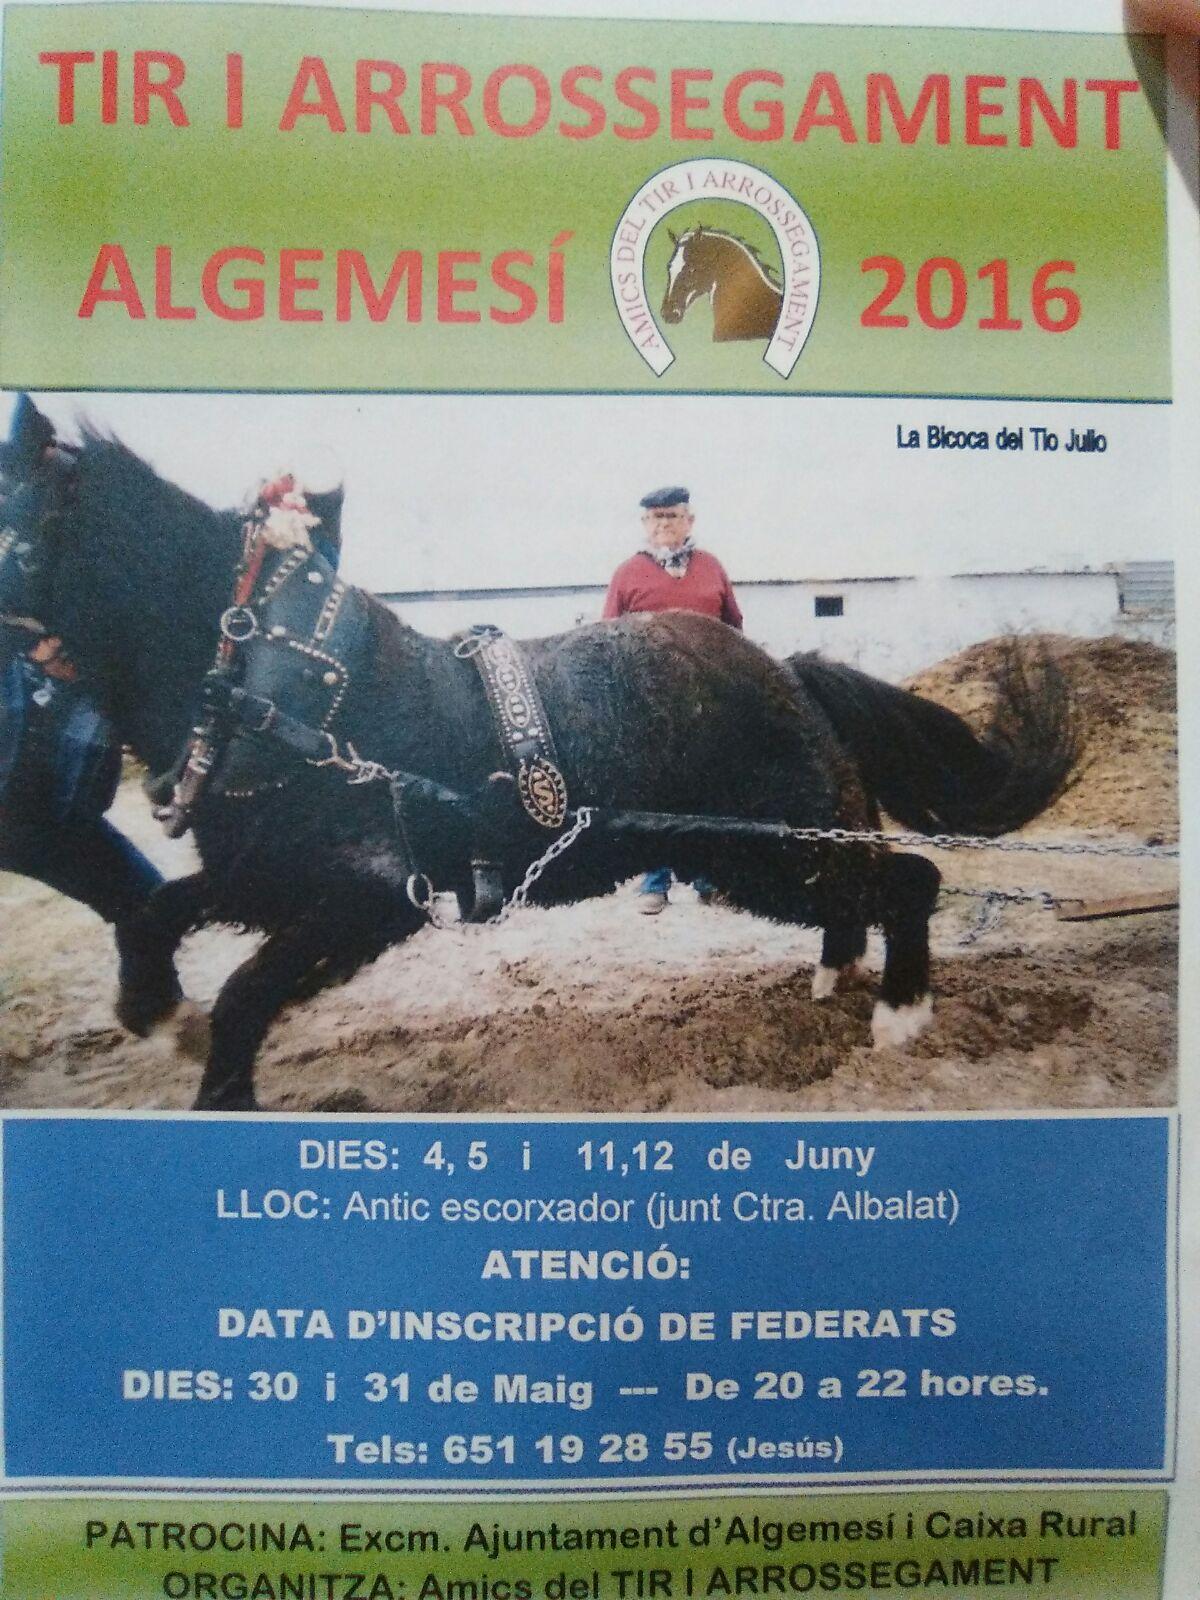 IMG-20160516-WA0003